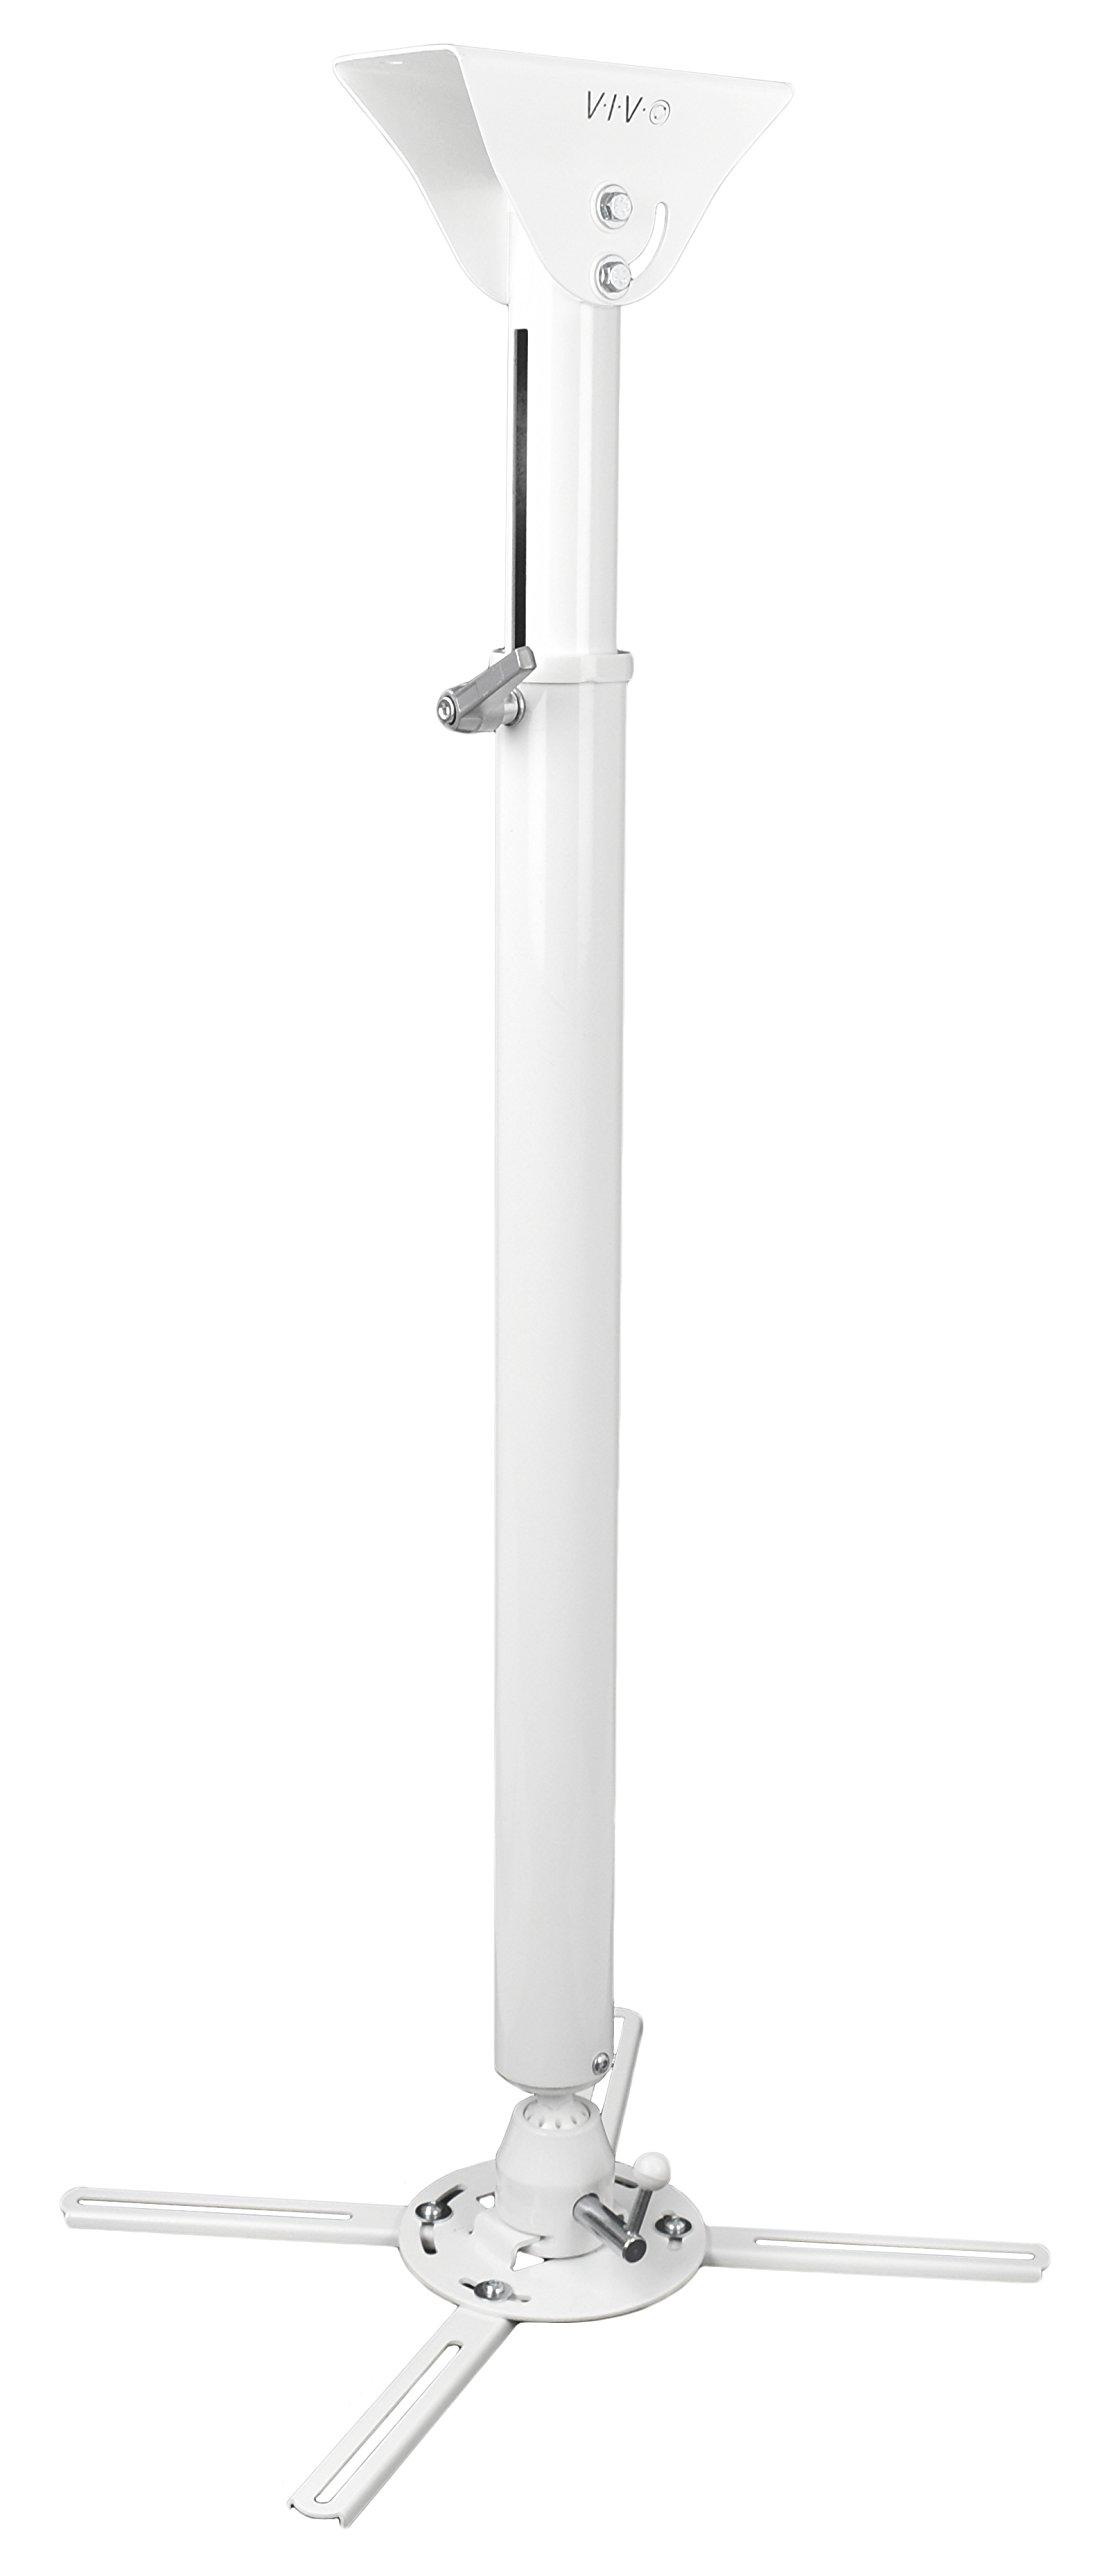 VIVO Universal Articulating Tilt Swivel Premium Heavy Duty Ball Joint Ceiling Extending Projector Mount | Full Motion White (MOUNT-VP05W) by VIVO